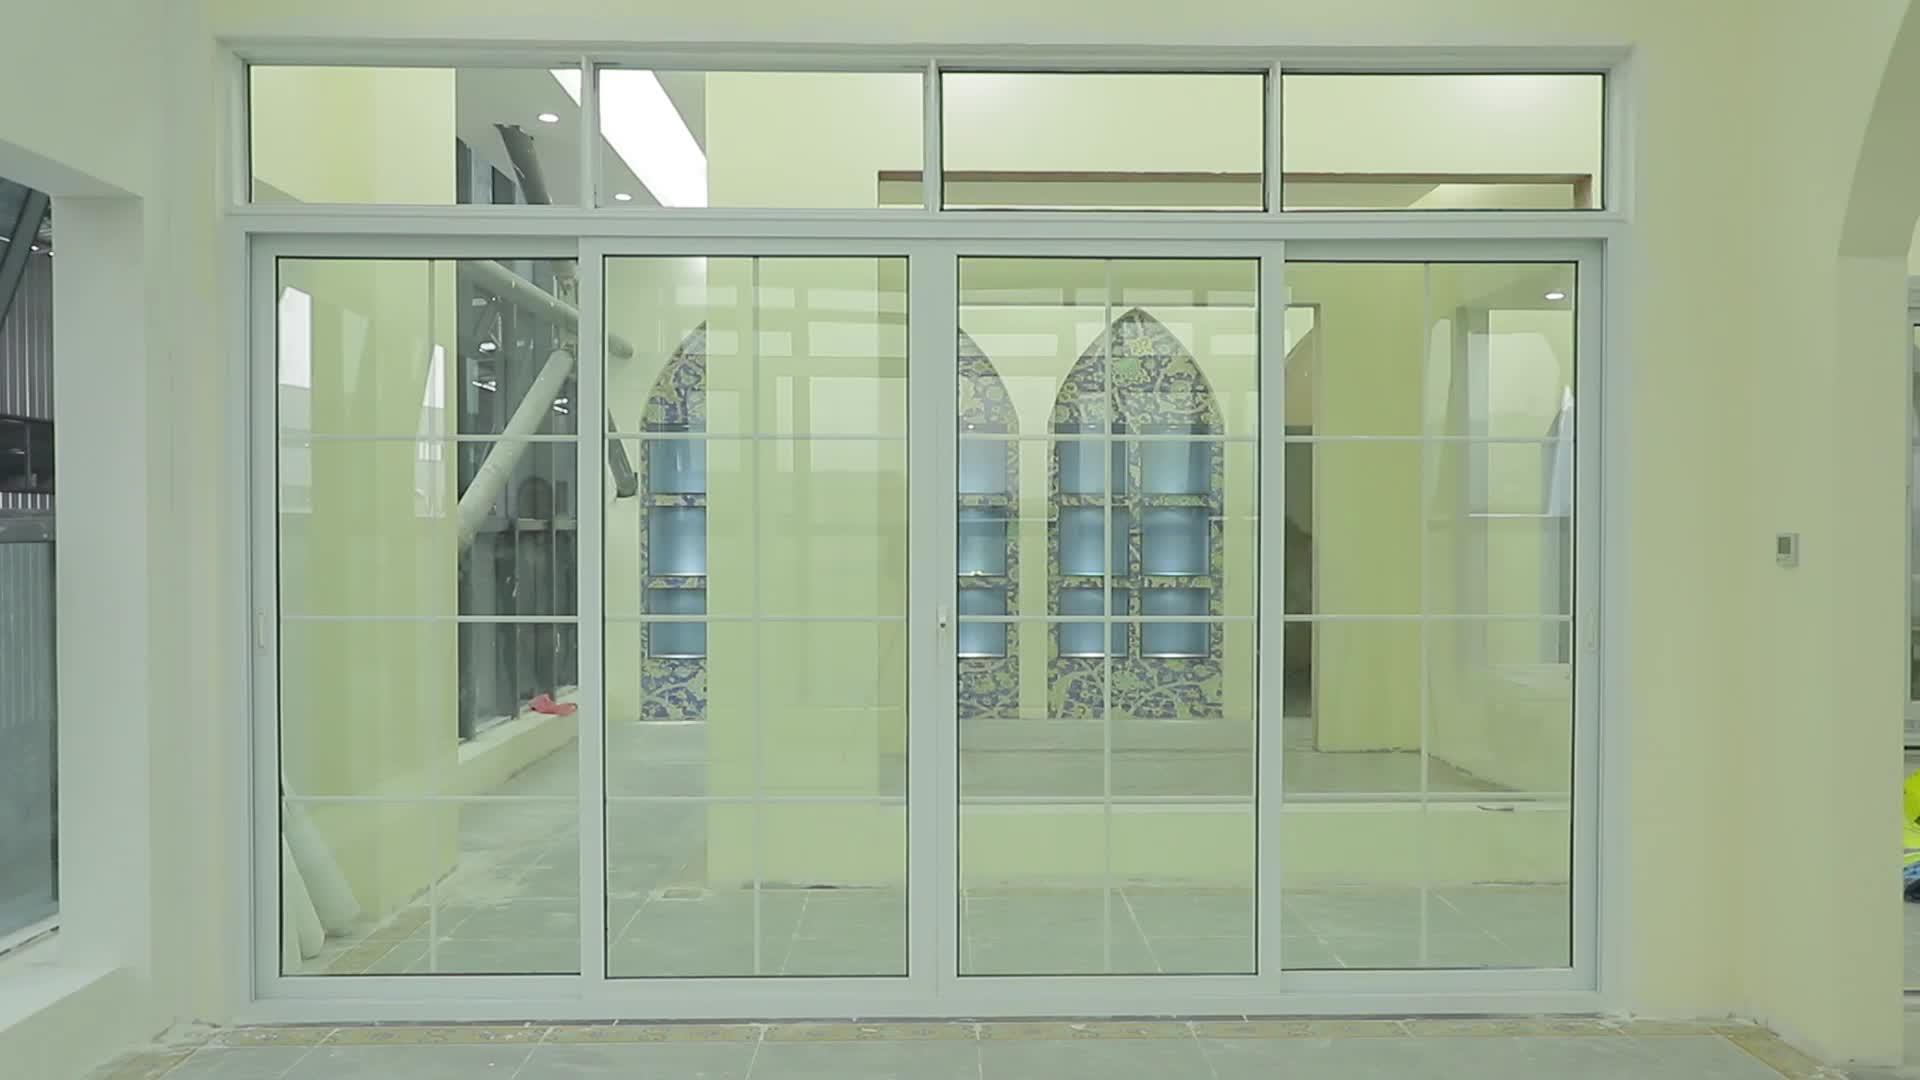 Últimos diseños de balcón puertas correderas de Pvc